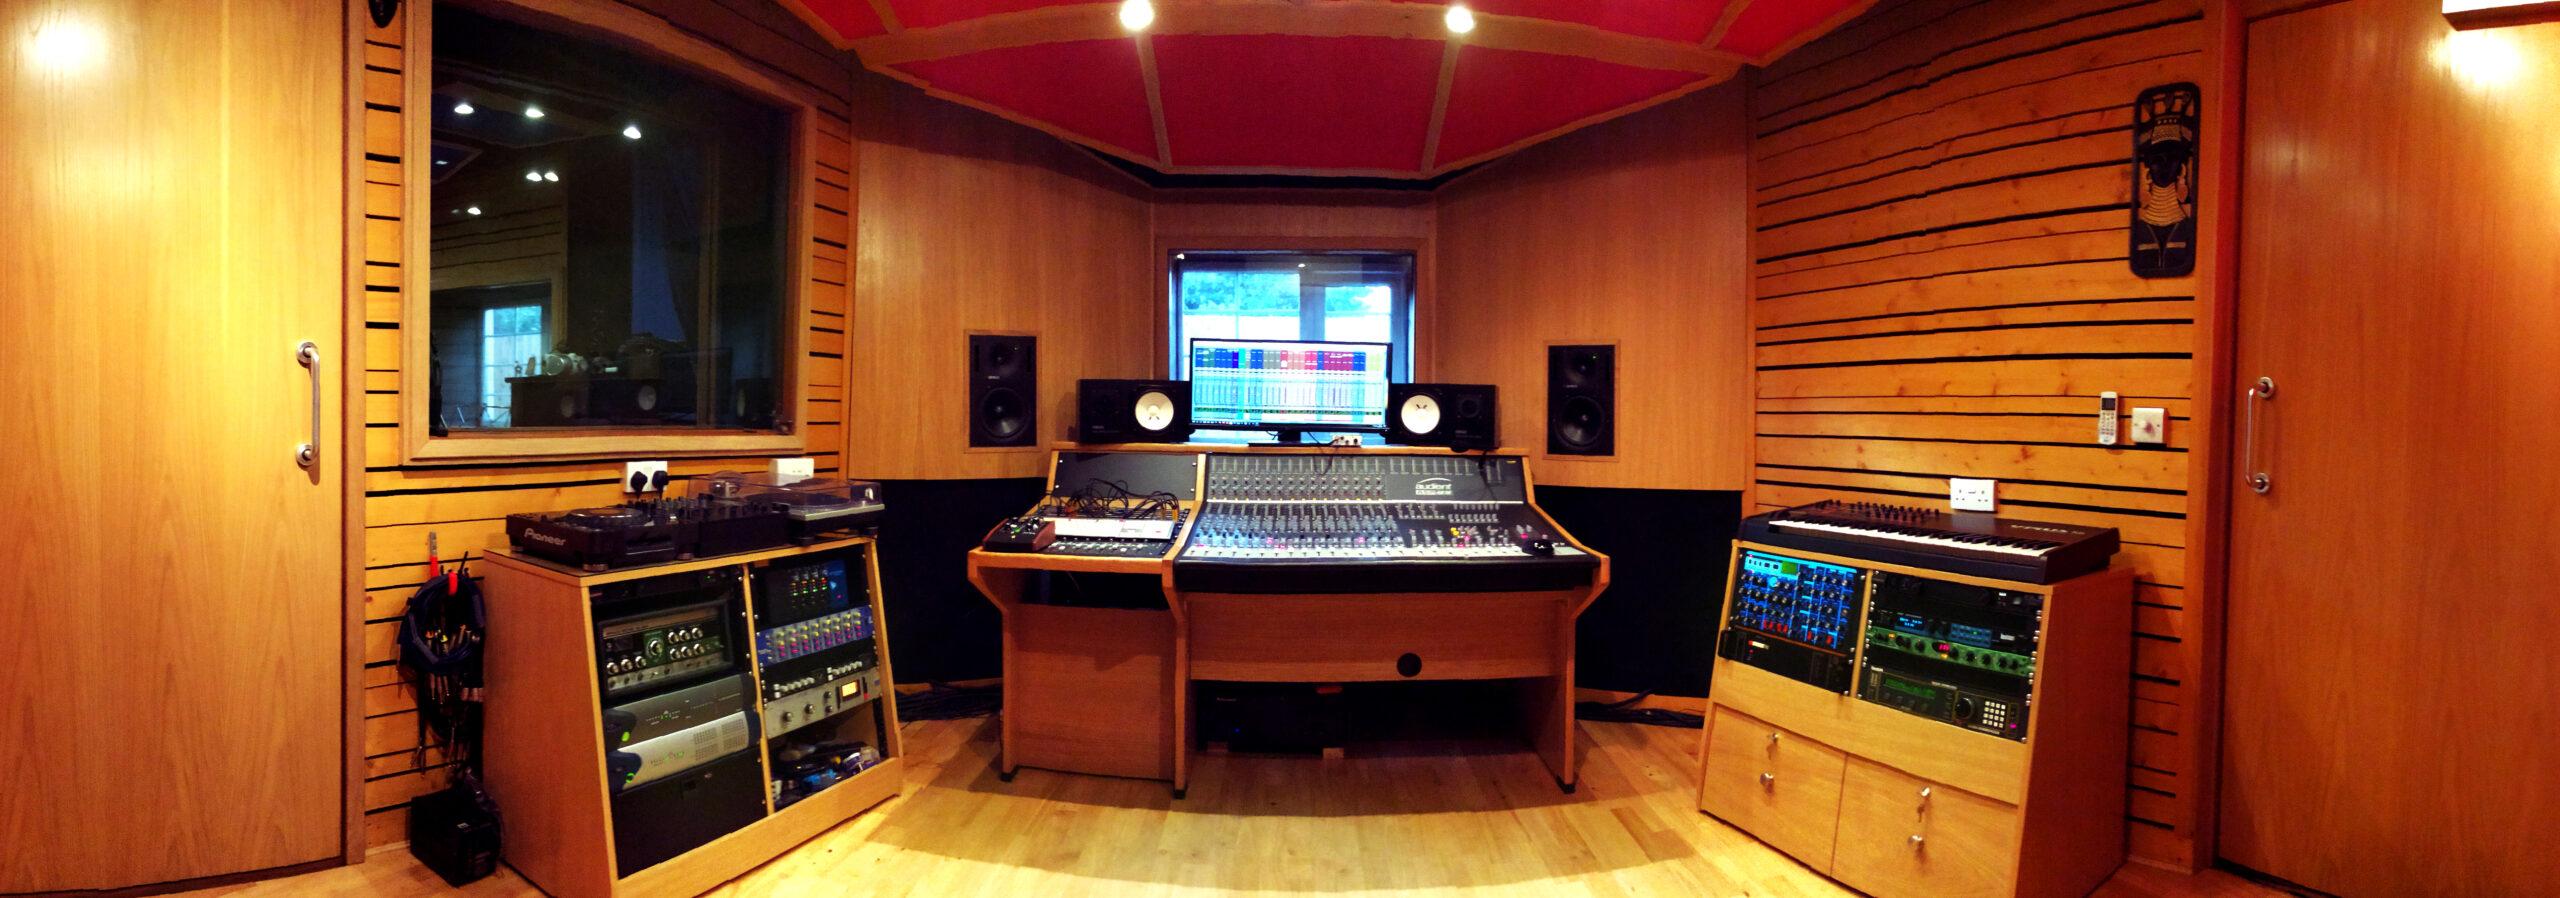 Control-Room-@SlipwayStudio